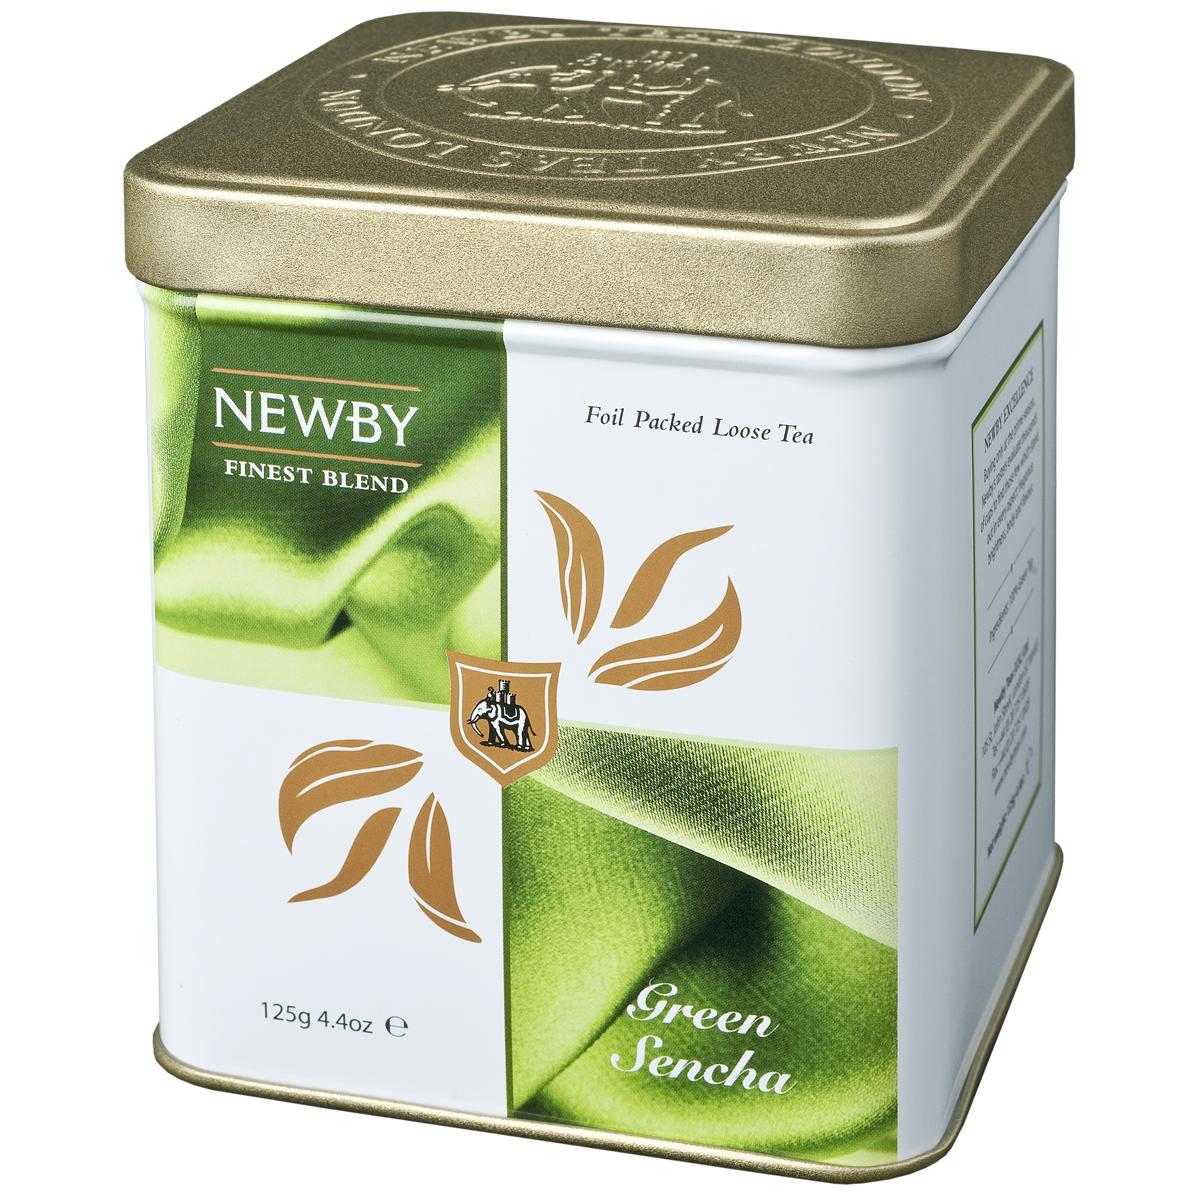 Newby Green Sencha зеленый листовой чай, 125 г0120710Собранные ранней весной, чайные листья самого популярного сорта зеленого чая Newby Green Sencha обрабатываются паром, что позволяет сохранить их первозданную свежесть. Обладает насыщенным превосходным ароматом риса.